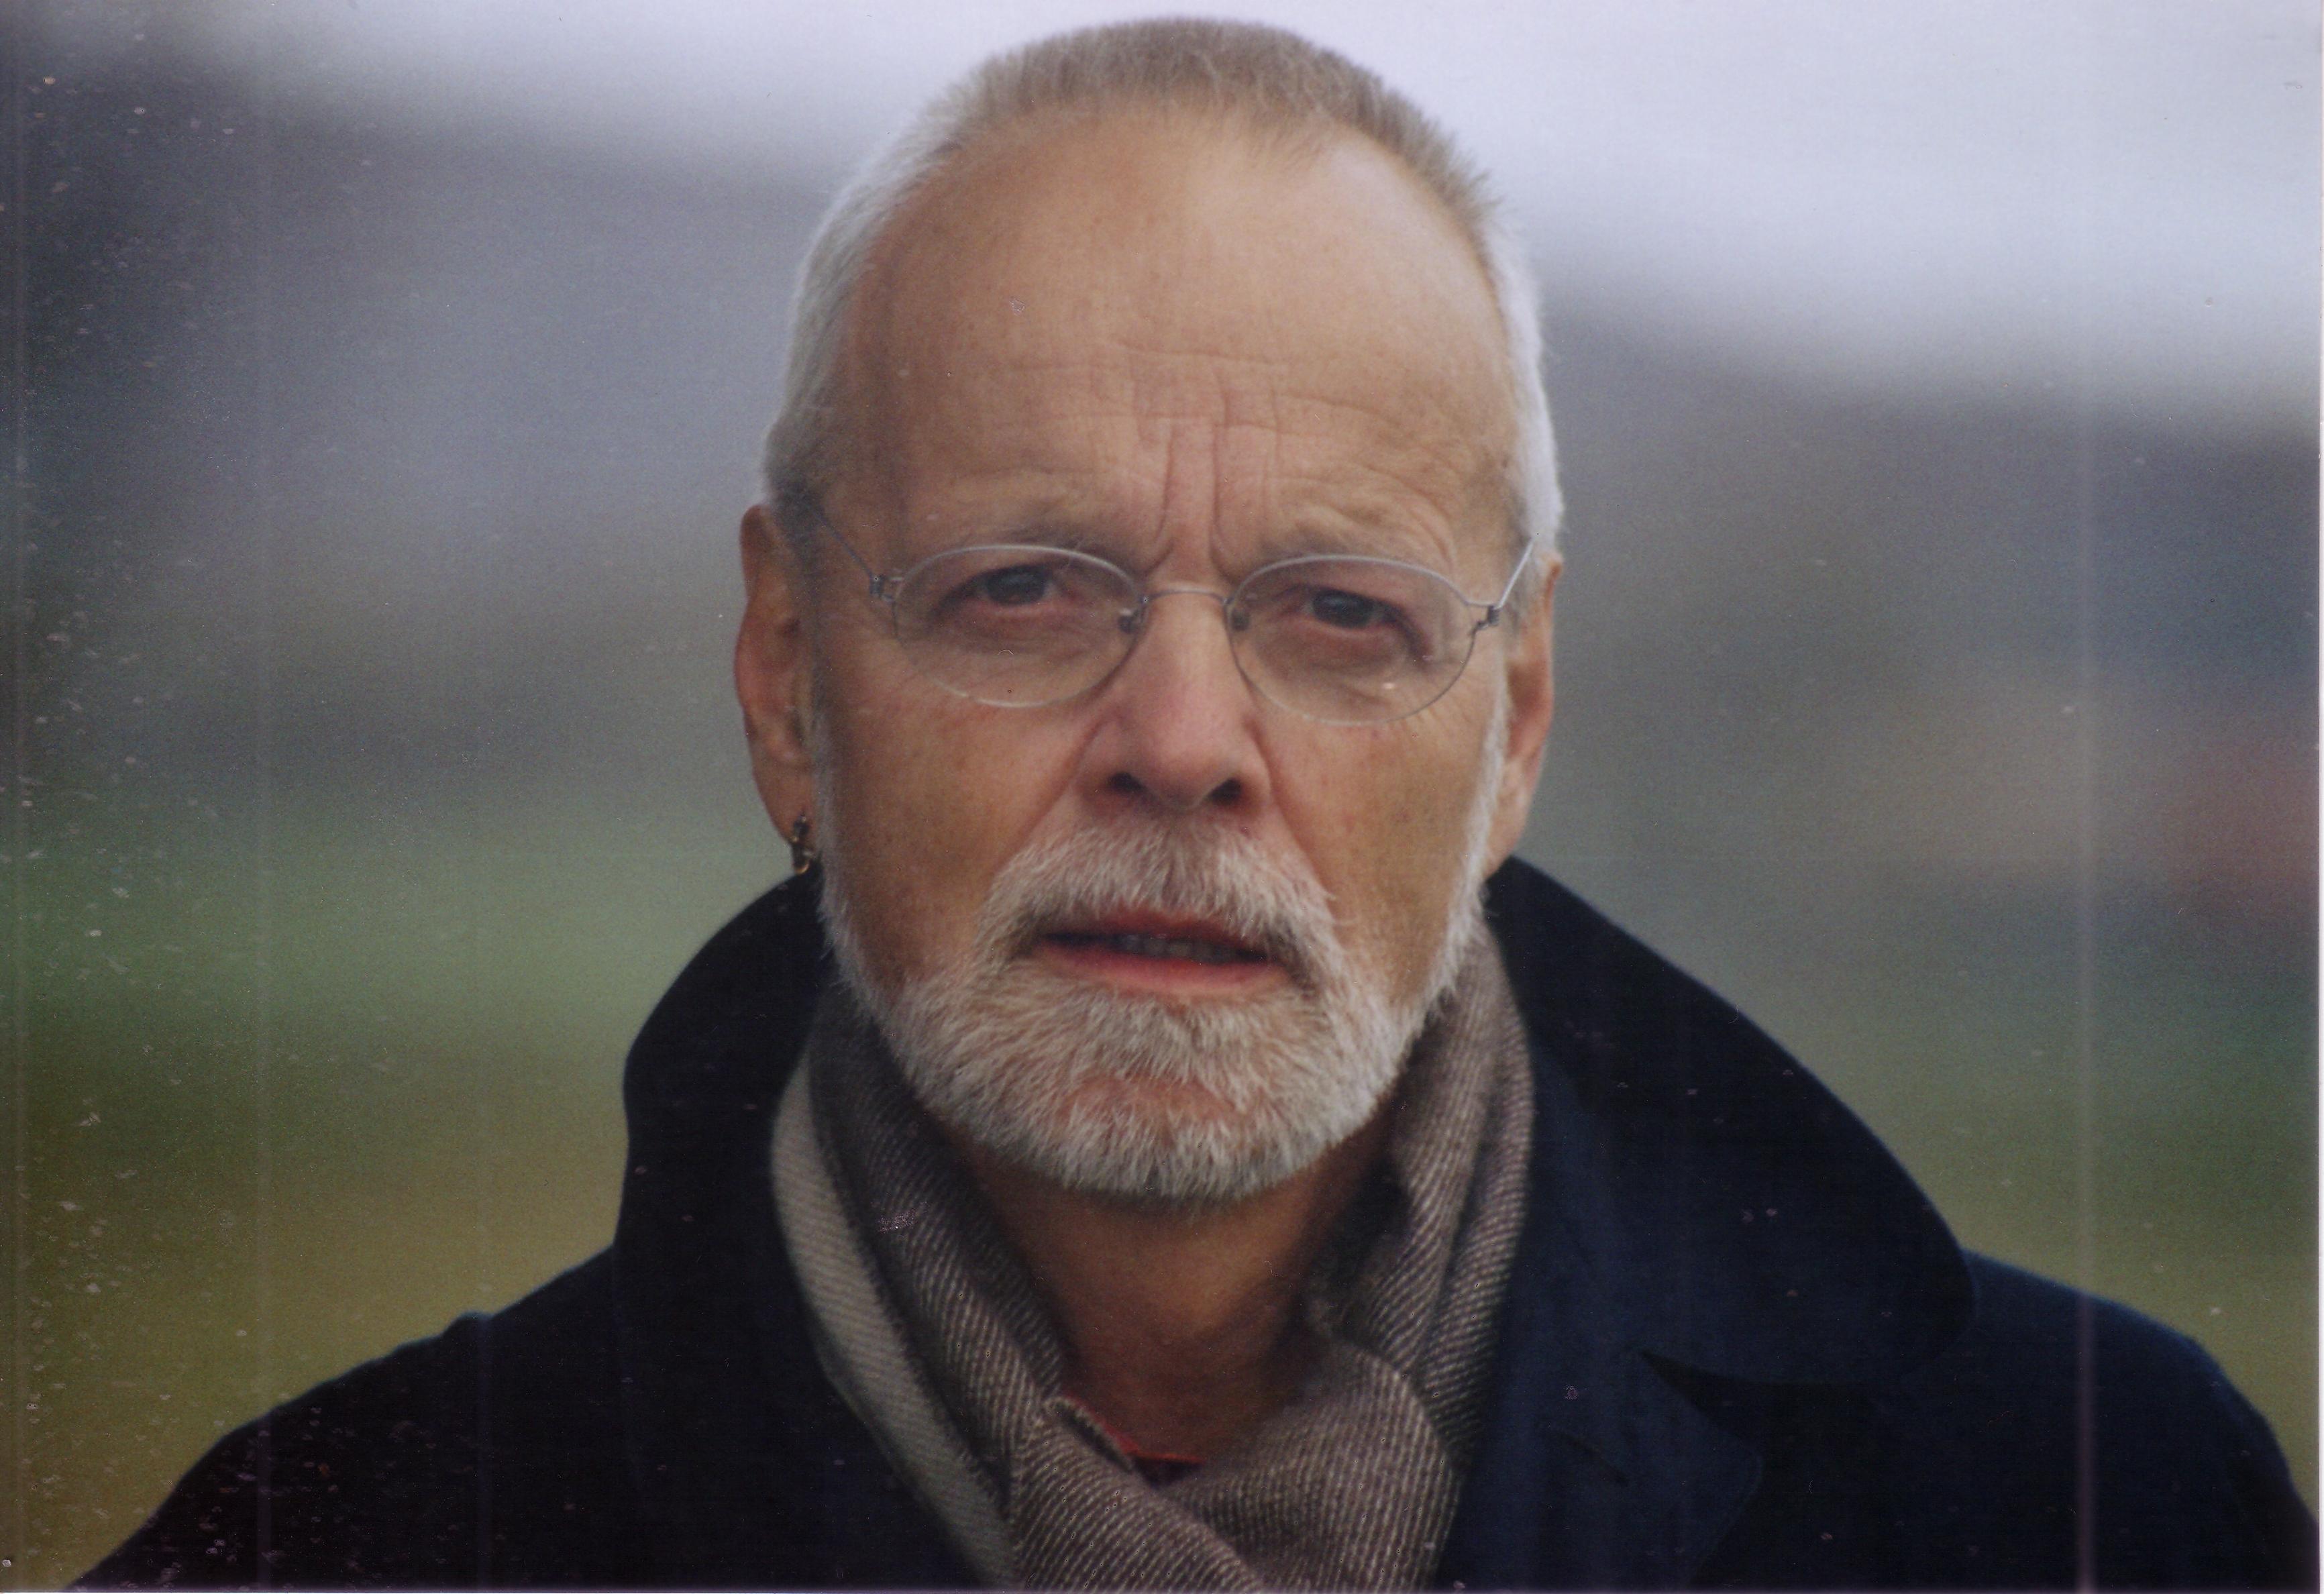 Flemming Behrendt